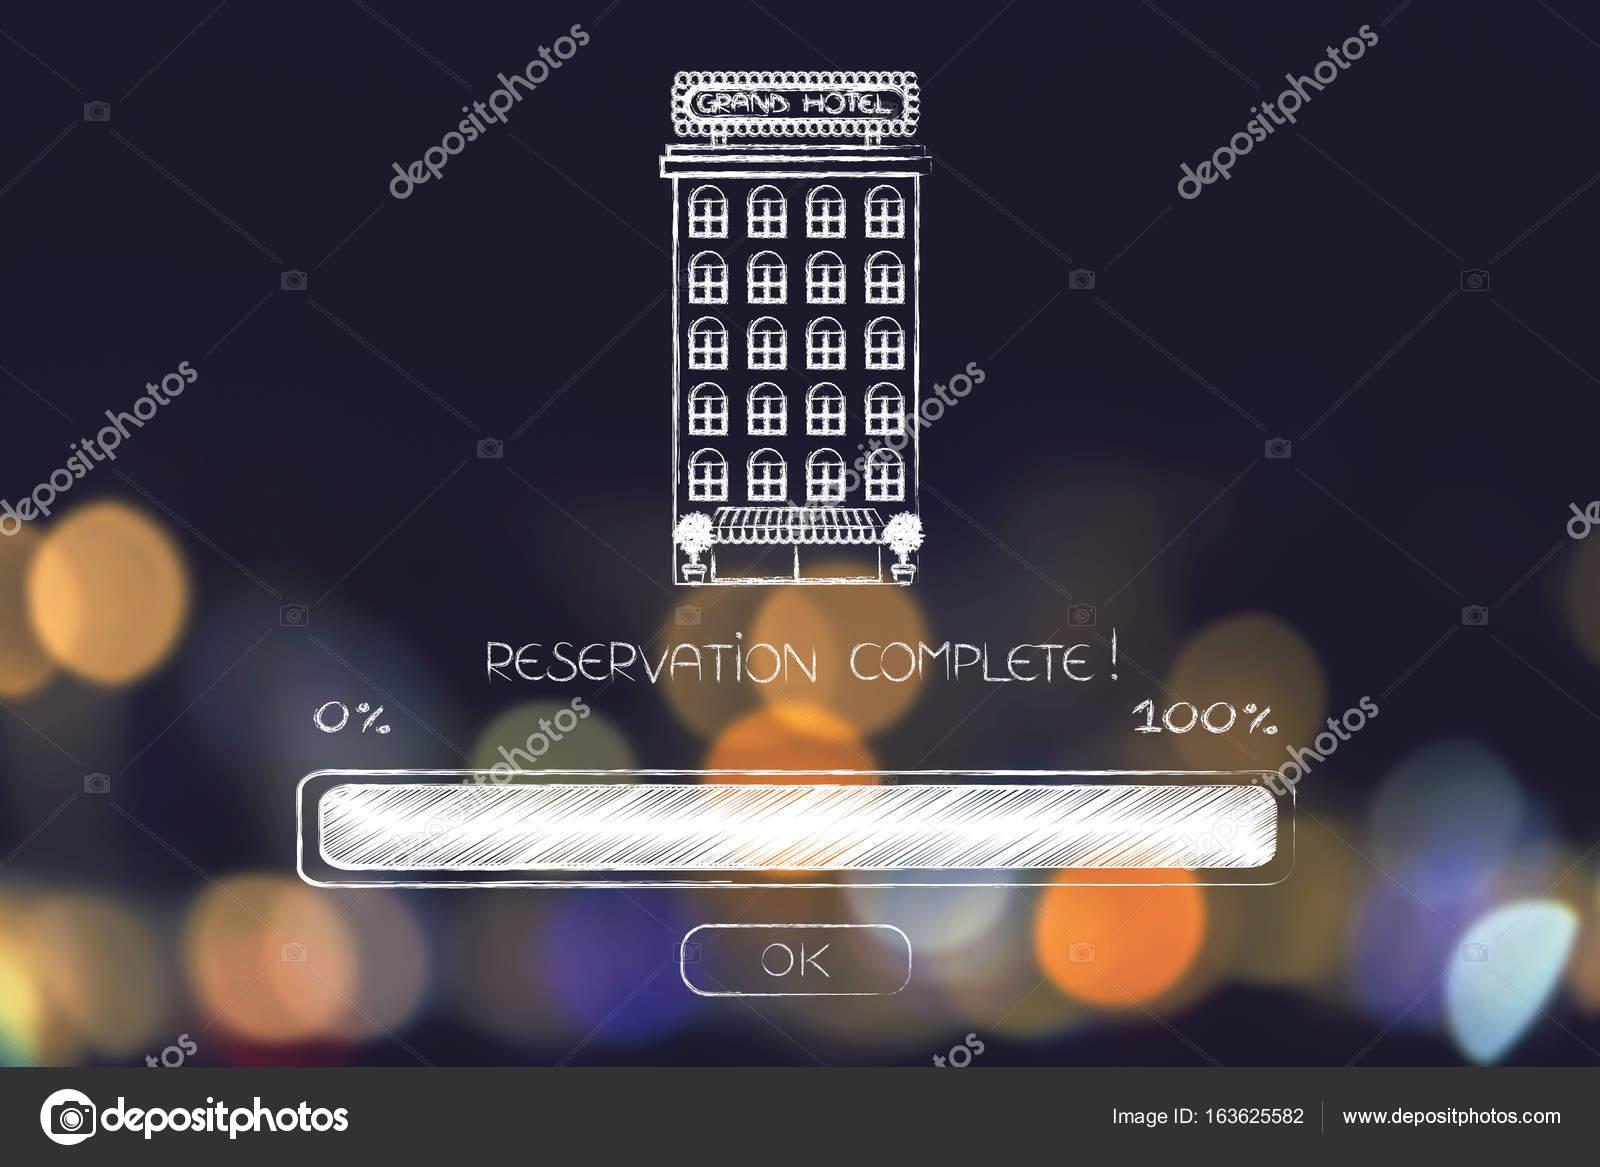 reservas completan hotel con barra de progreso cargada — Foto de ...